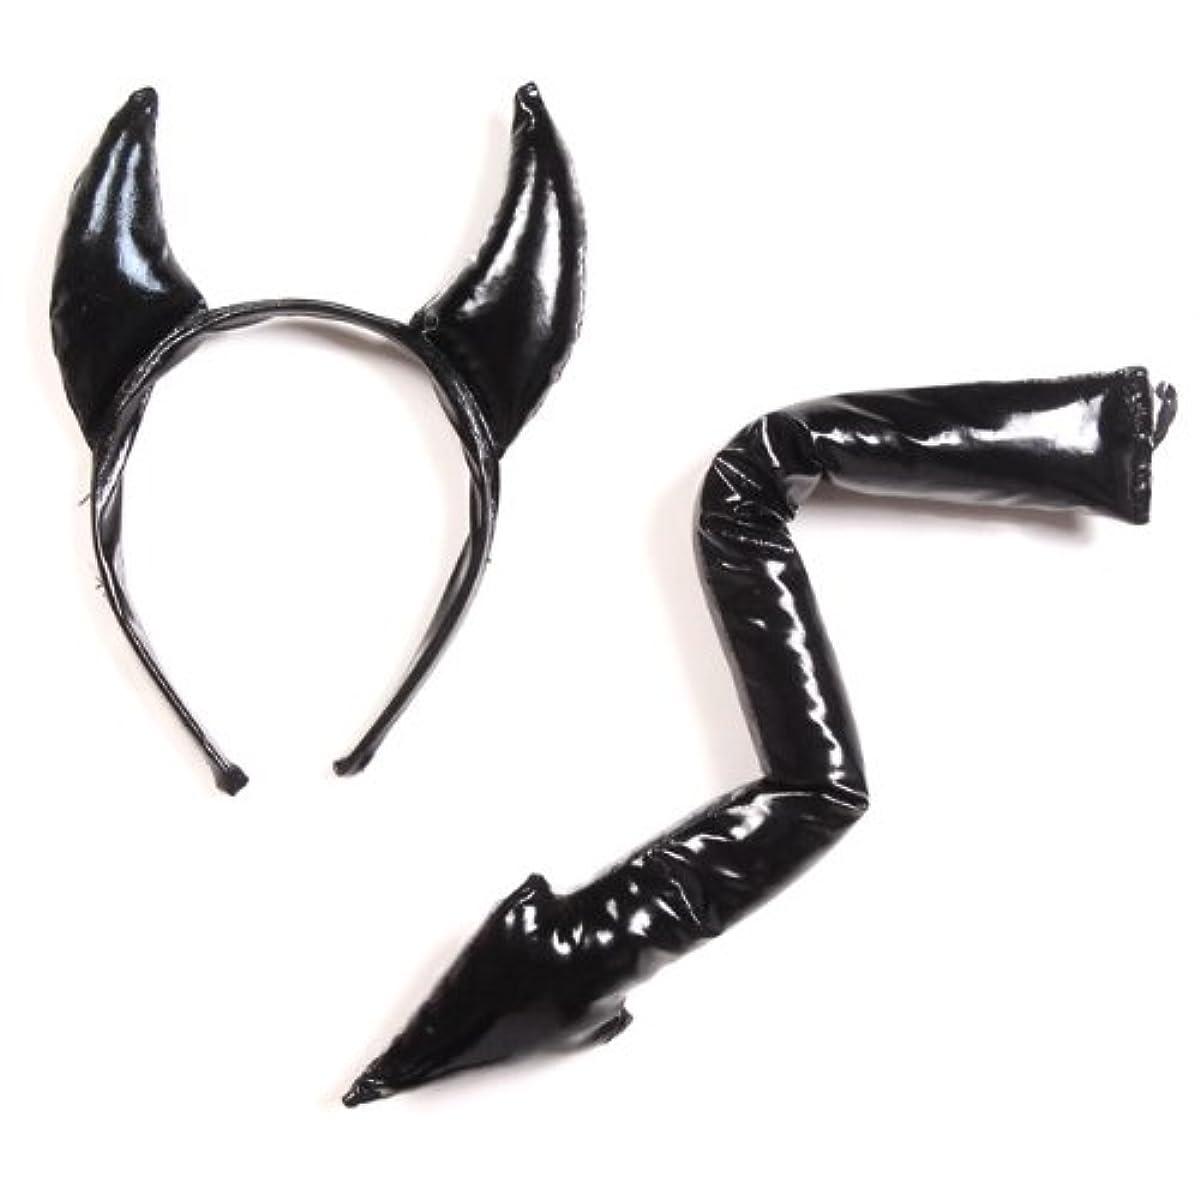 [해외] JOYBANK 에나멜 악마의개의&꼬리 세트 프리 사이즈 할로윈 소품 잡화 의상 블랙